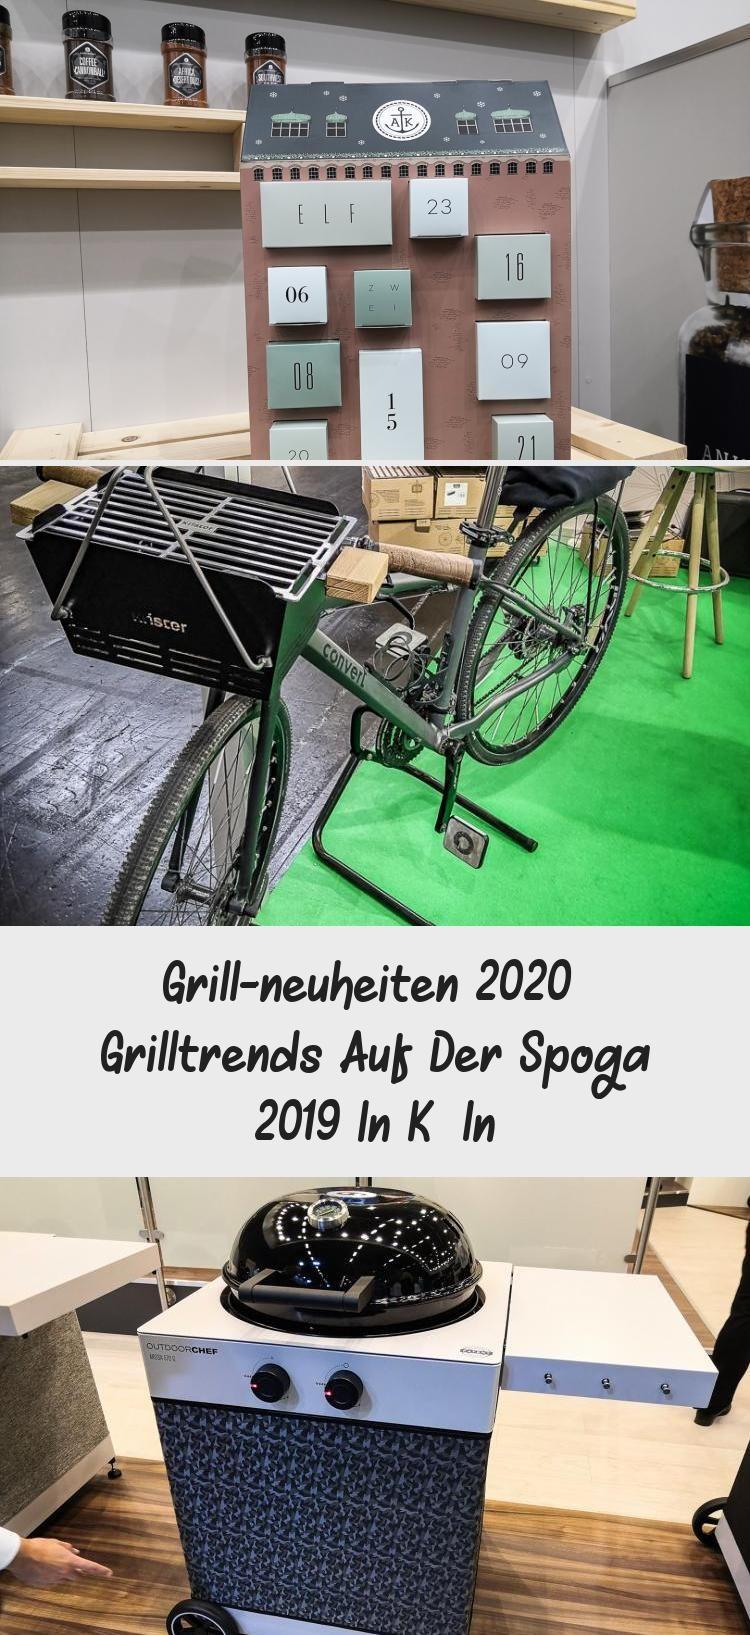 Grill Neuheiten 2020 Grilltrends Auf Der Spoga 2019 In Koln In 2020 Grillen Trends Gartenmesse